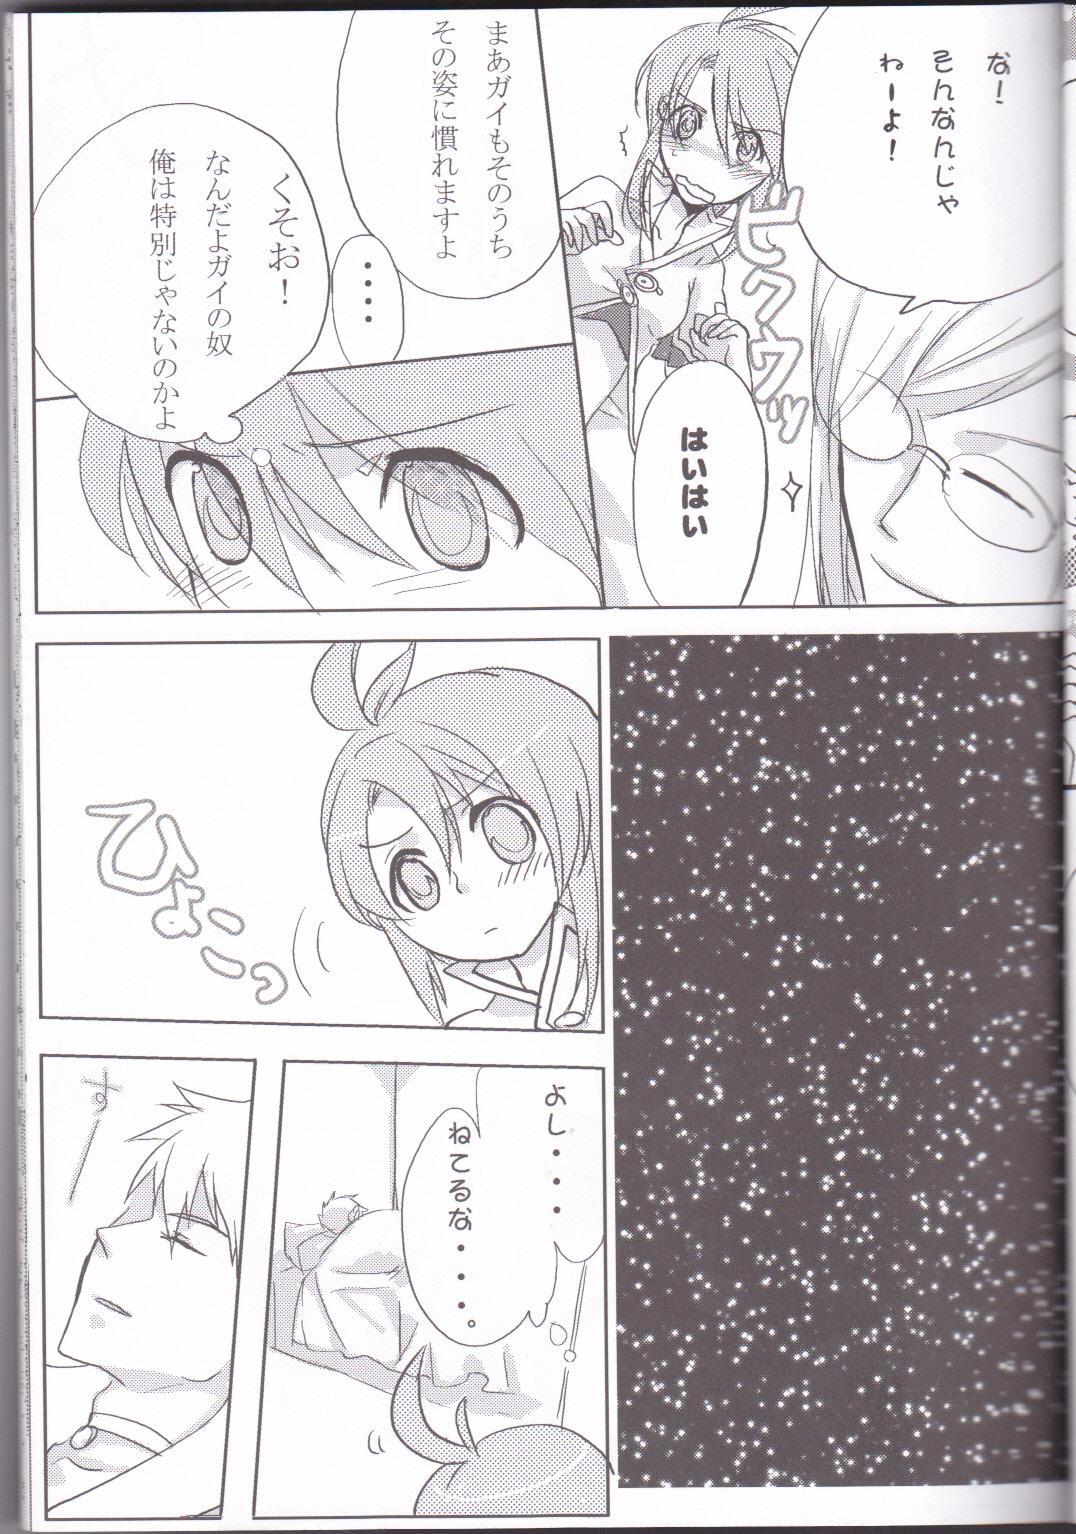 Rukuruku Shoukougun 10